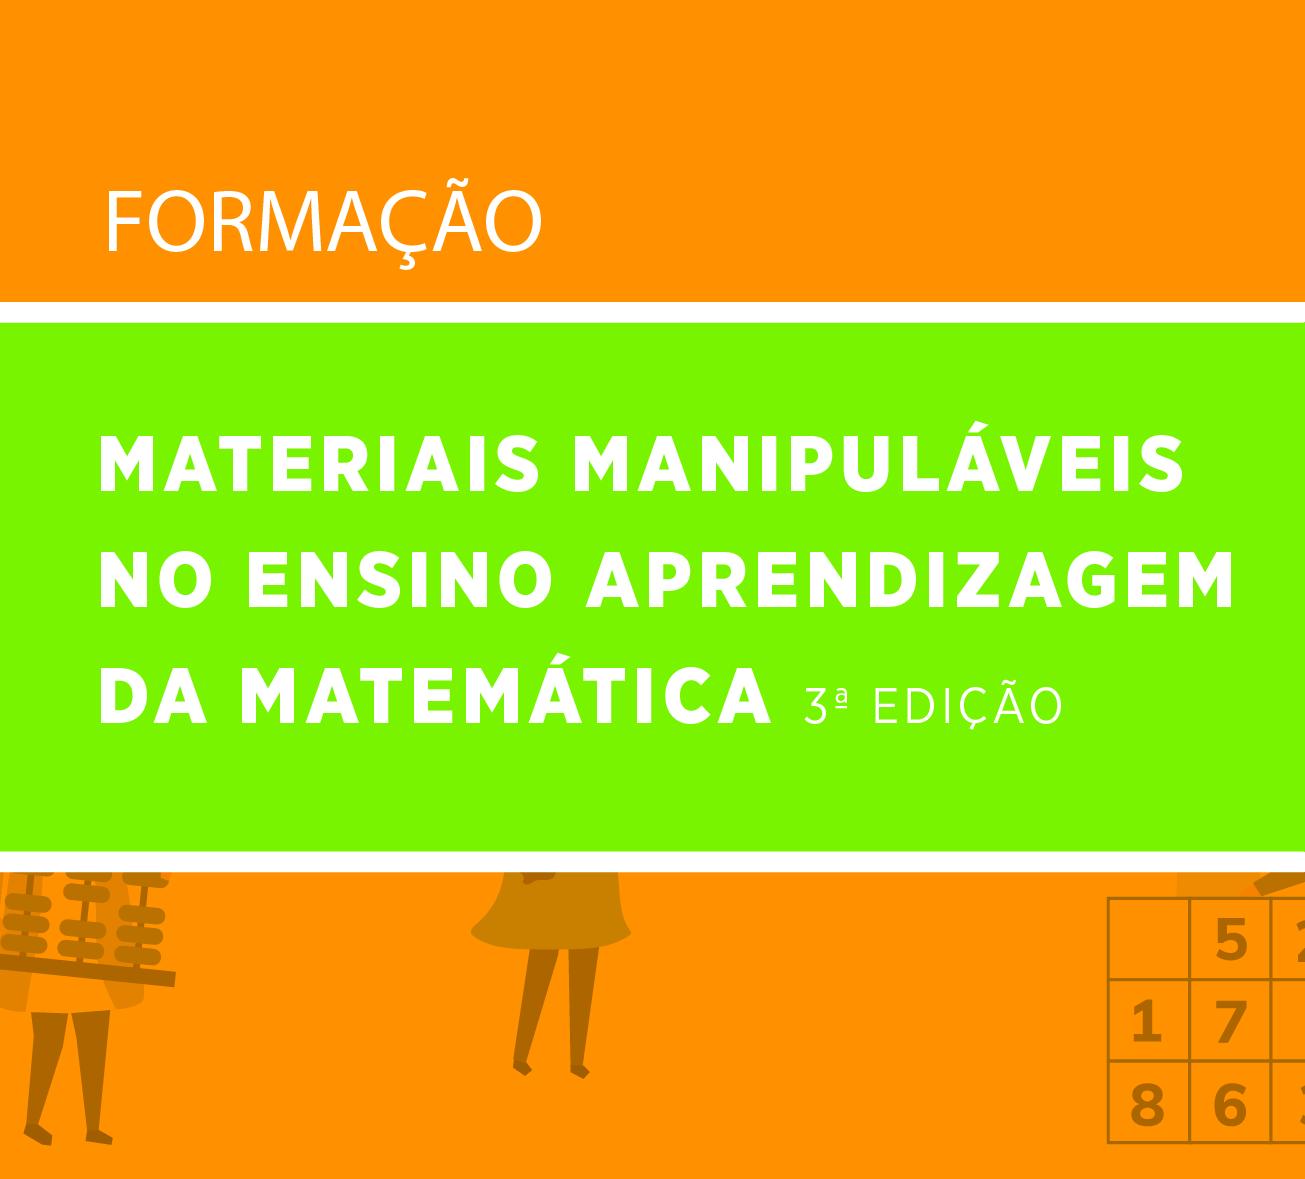 Materiais Manipuláveis no Ensino Aprendizagem da Matemática 3ª EDIÇÃO